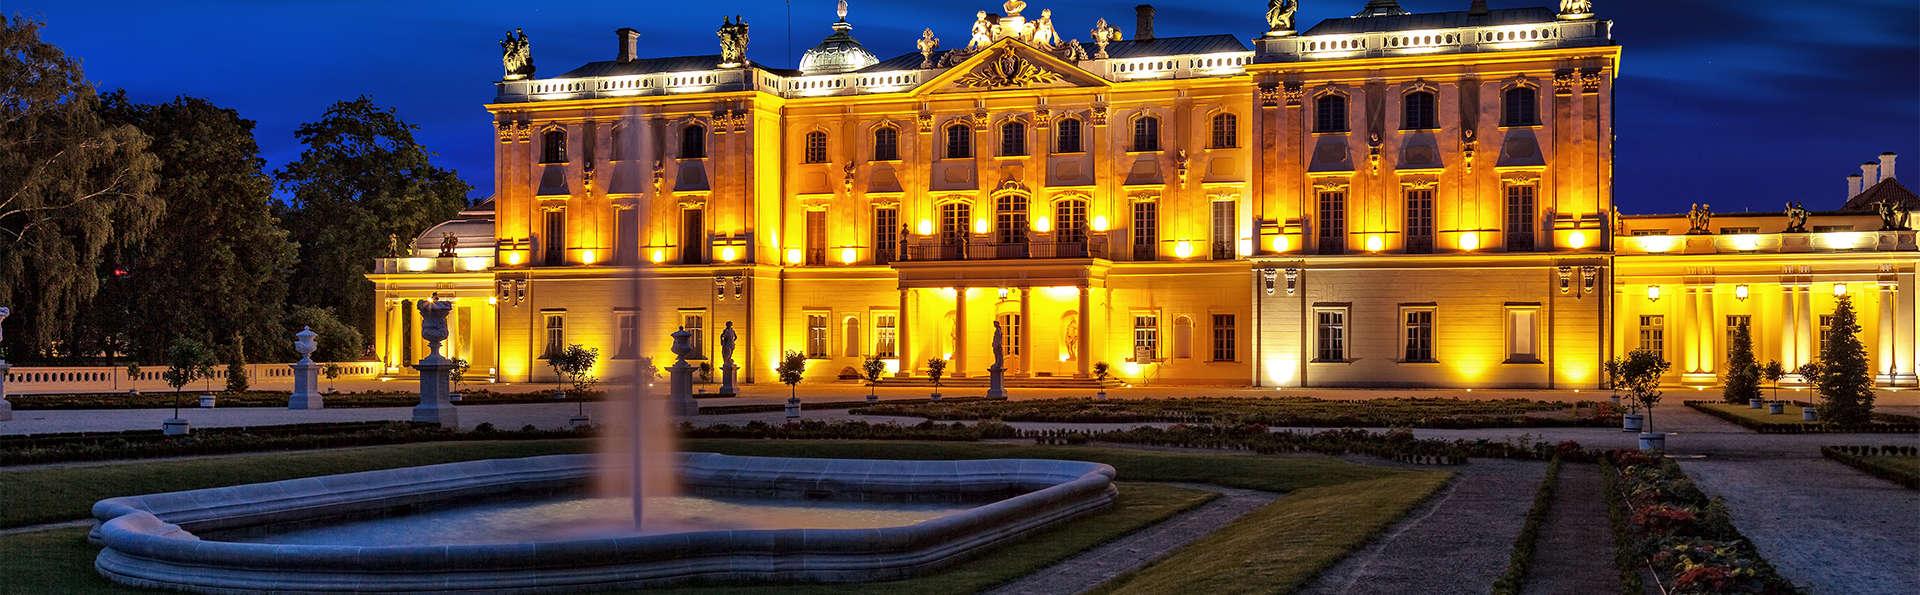 Escapade à Saclay avec entrée au Château de Versailles